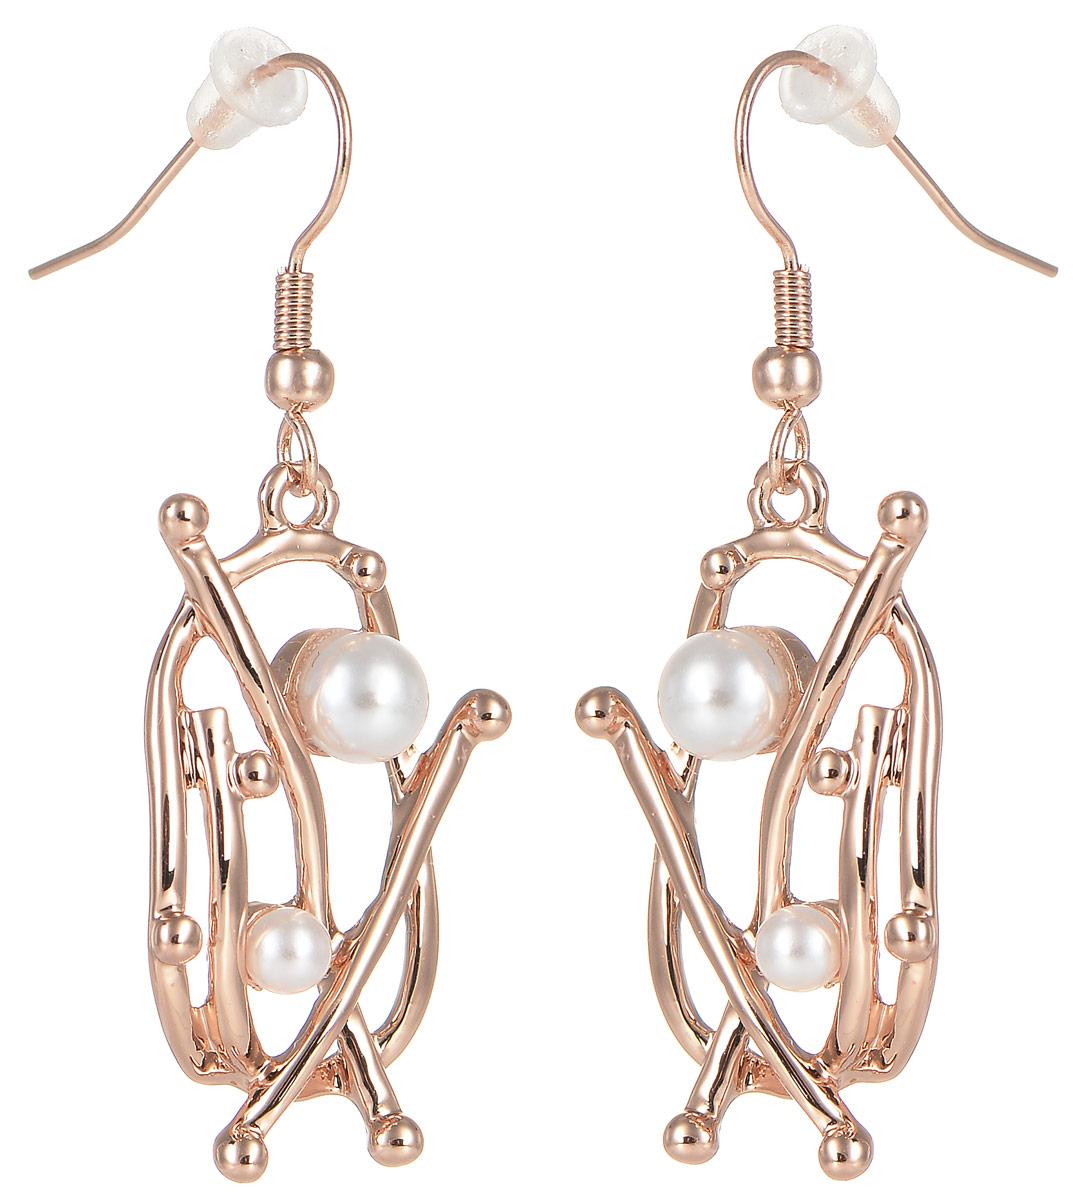 Серьги жен. Selena Селена Street Fashion, цвет: белый, золотистый. 2008937020089370Искусственный жемчуг. Гальваническое покрытие: золото.